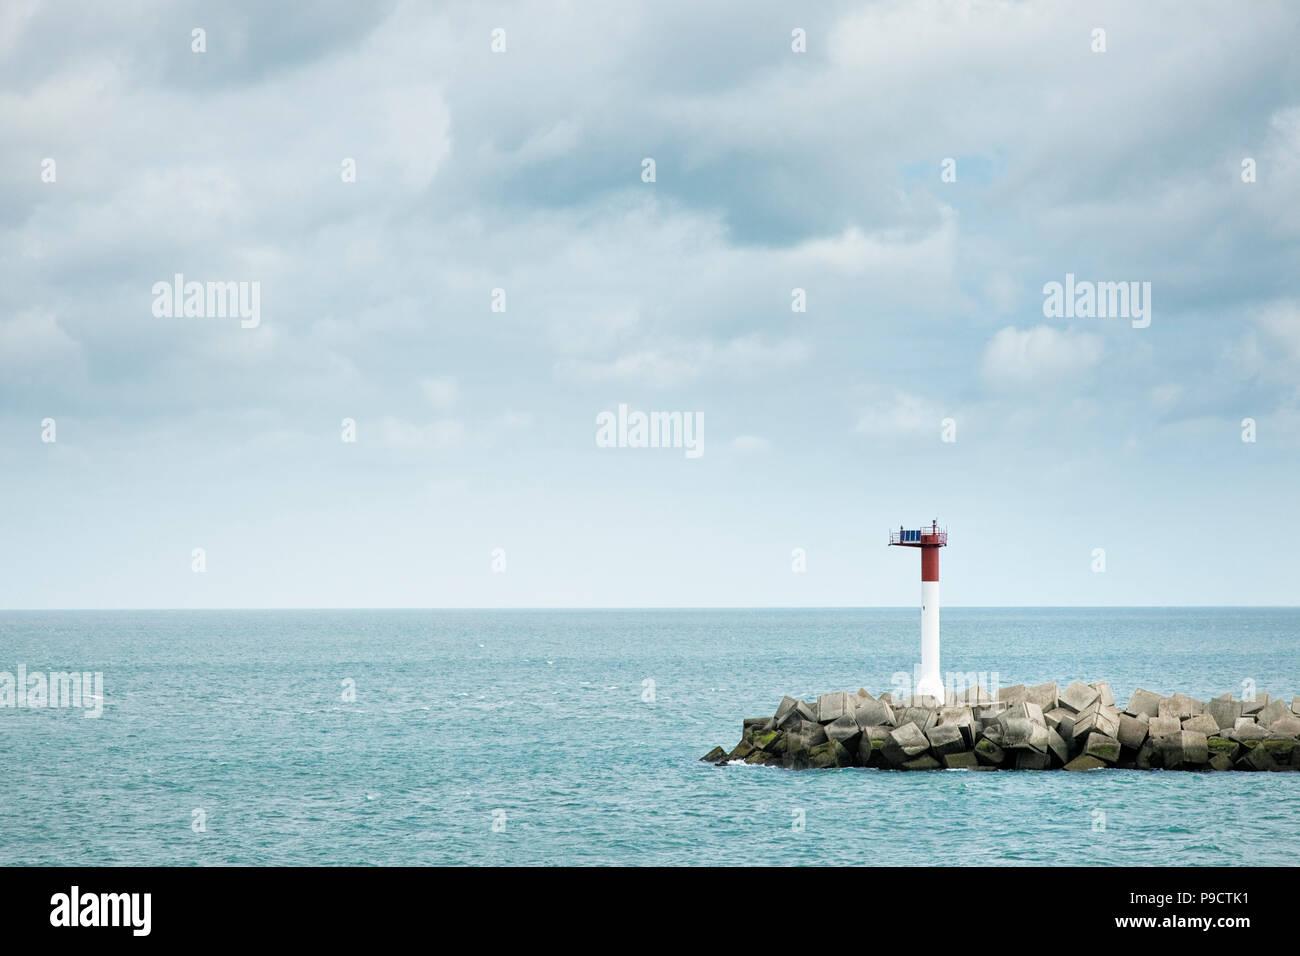 Energia solare faro di navigazione e uomo fatto la parete del porto, Dunkerque, Francia, Europa Immagini Stock